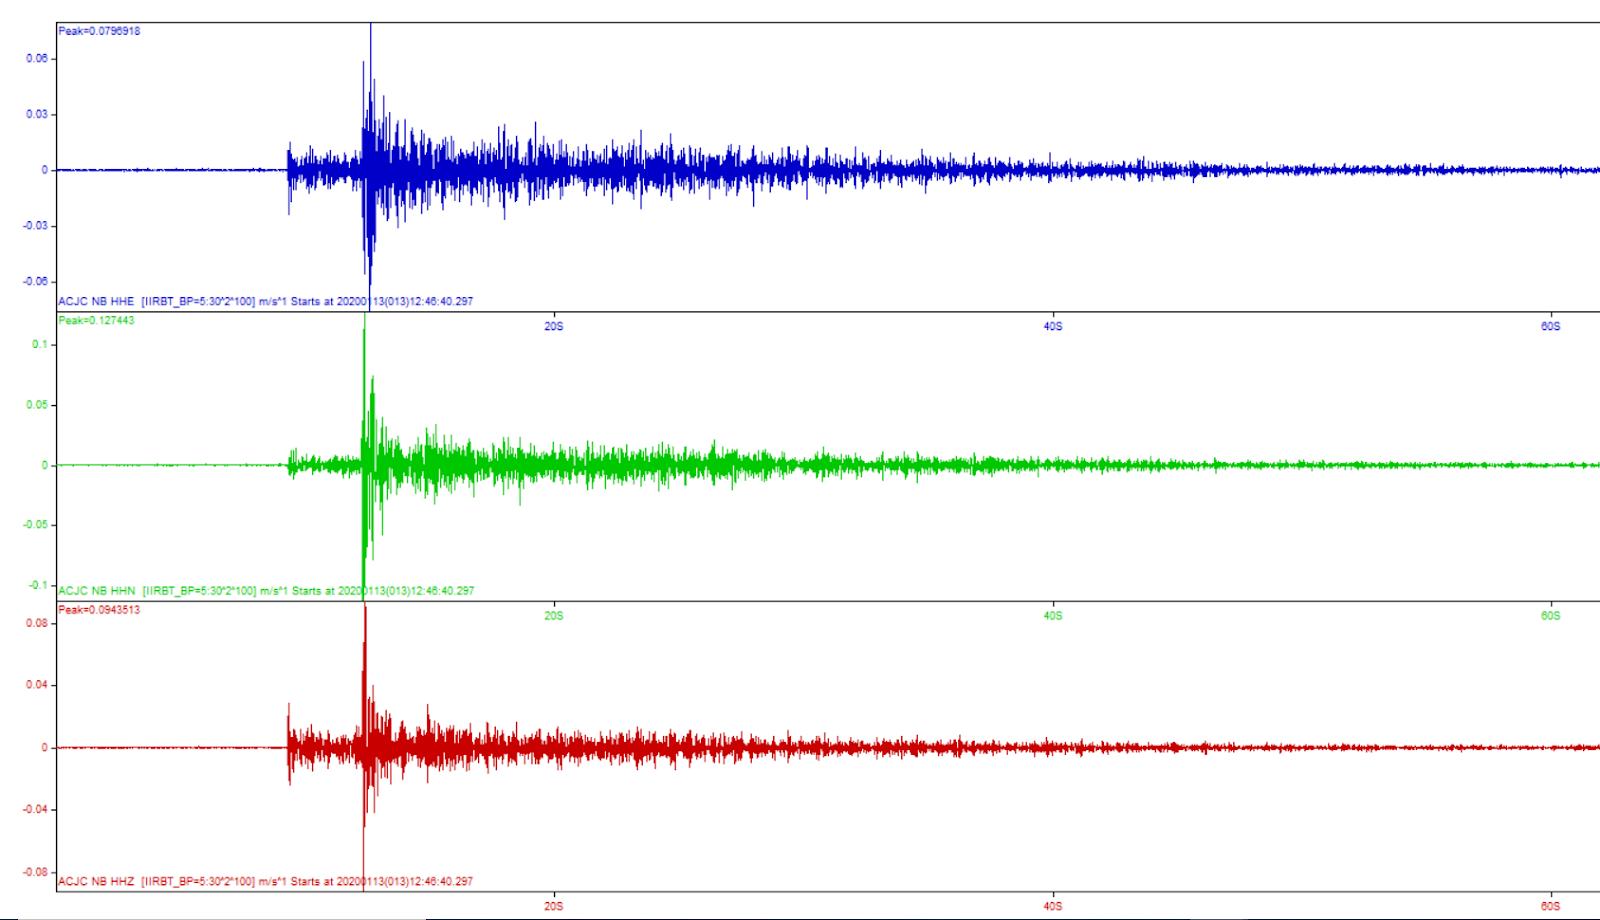 Cidade do interior potiguar registra tremor de terra nesta segunda-feira